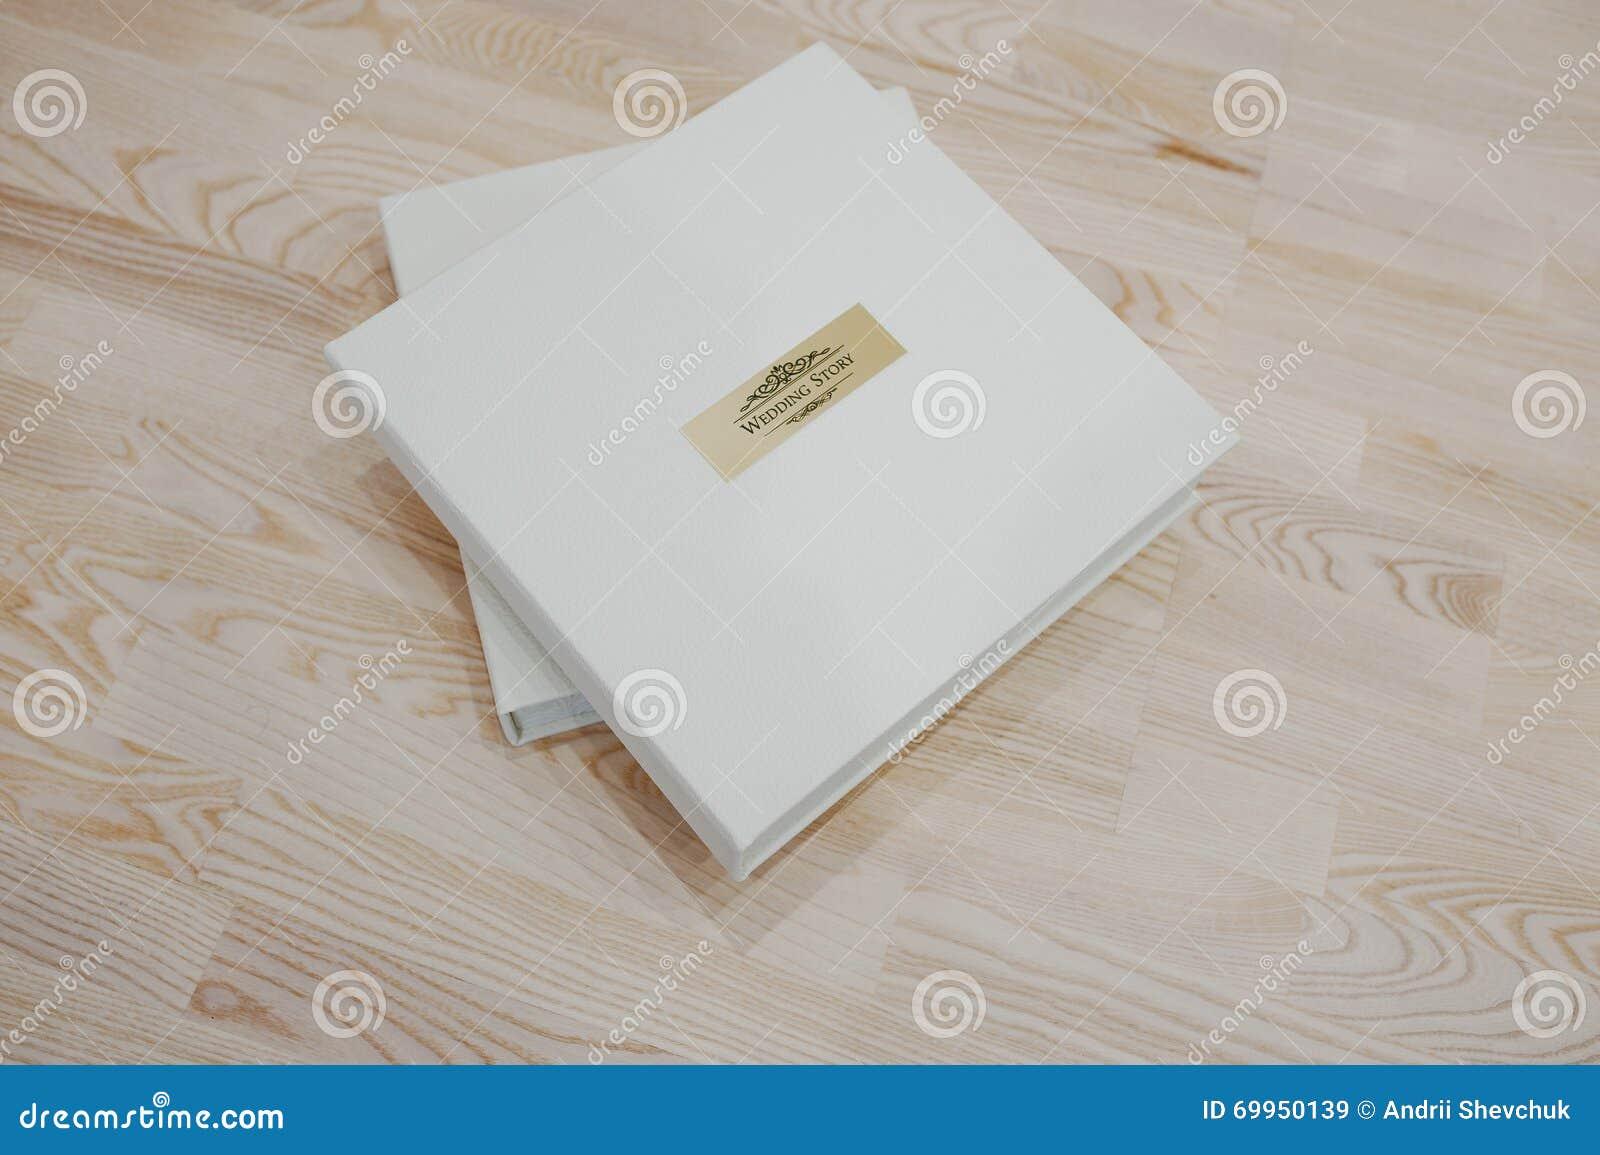 Hochzeitsfotobuch Und Album Auf Holzernem Hintergrund Stockbild